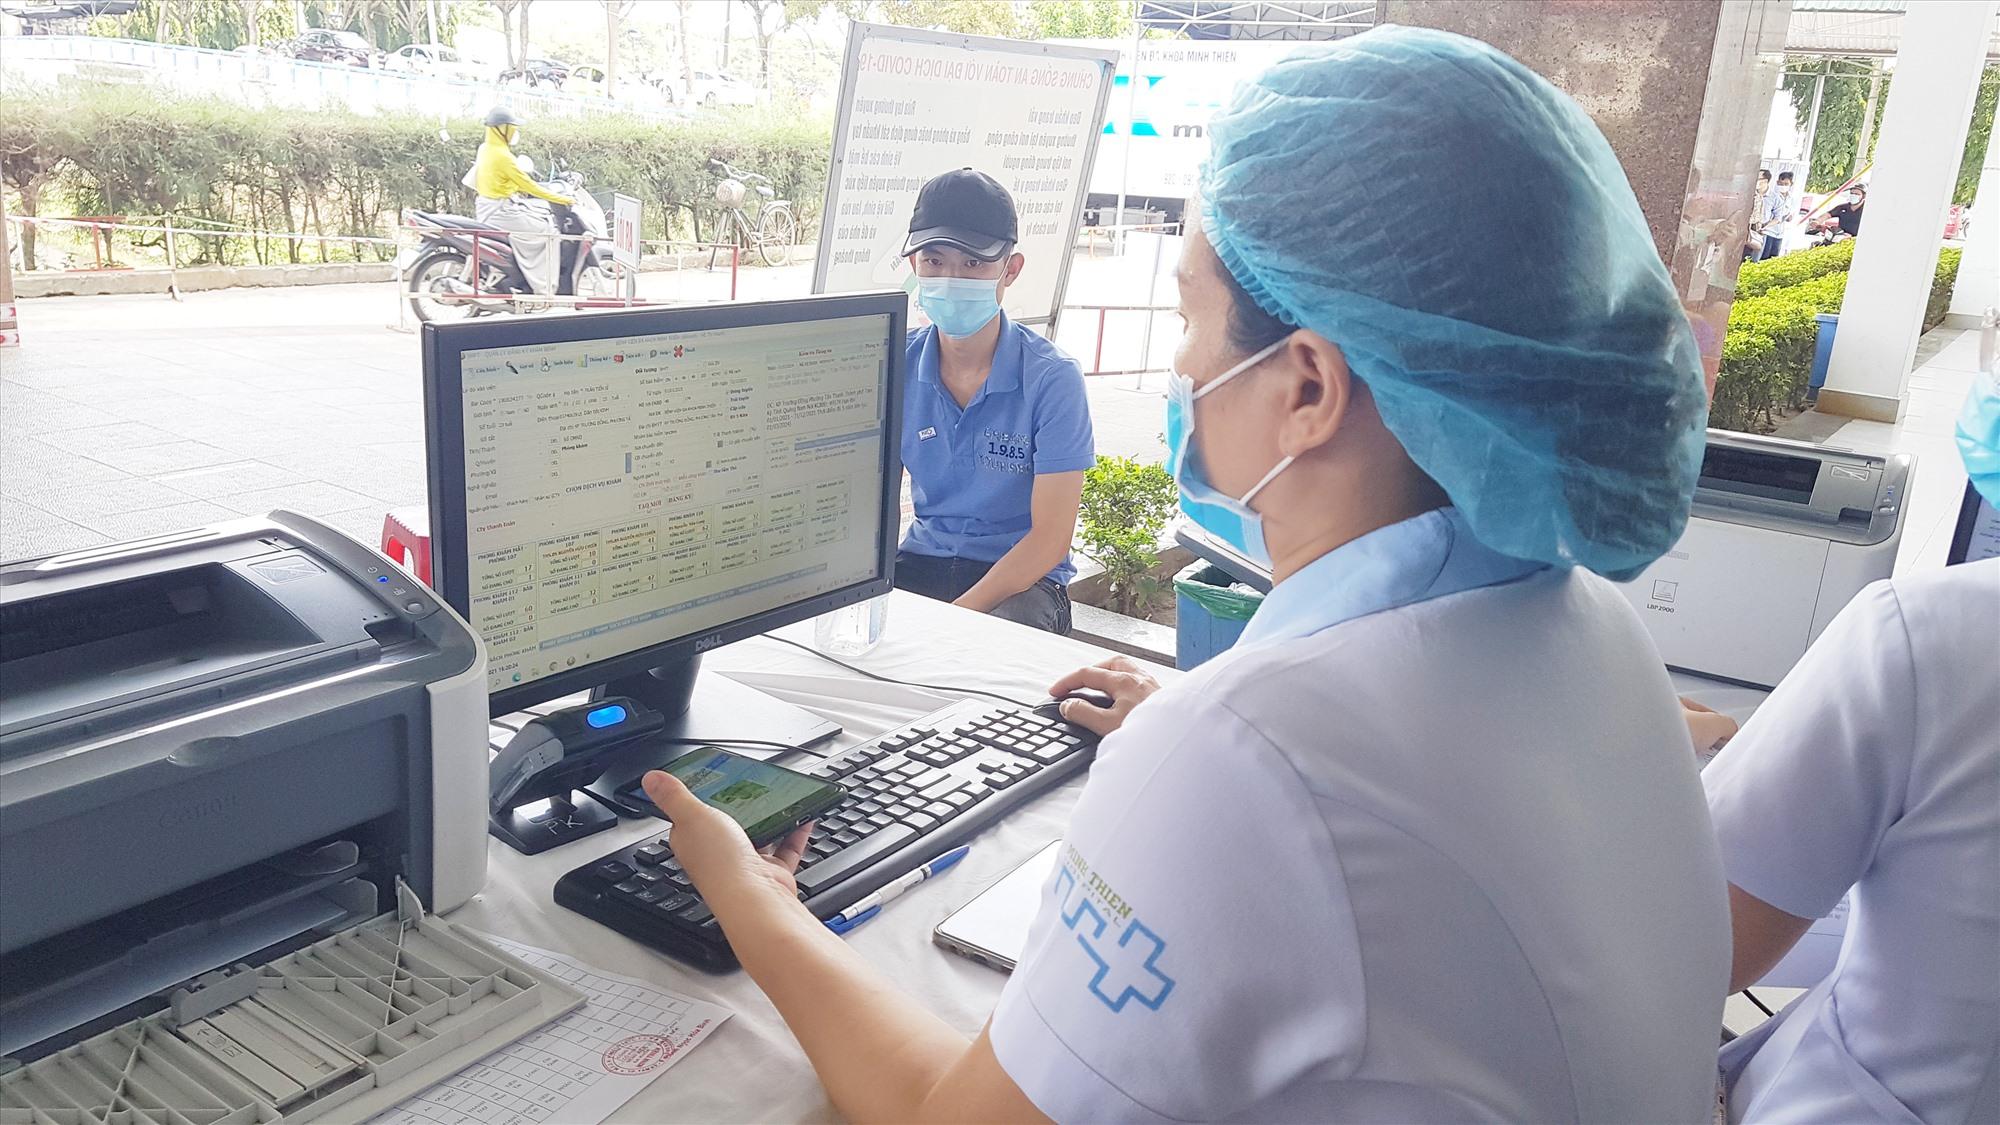 Khám chữa bệnh không cần dùng thẻ BHYT giấy được thực hiện nhanh chóng, thuận lợi. Ảnh: D.L